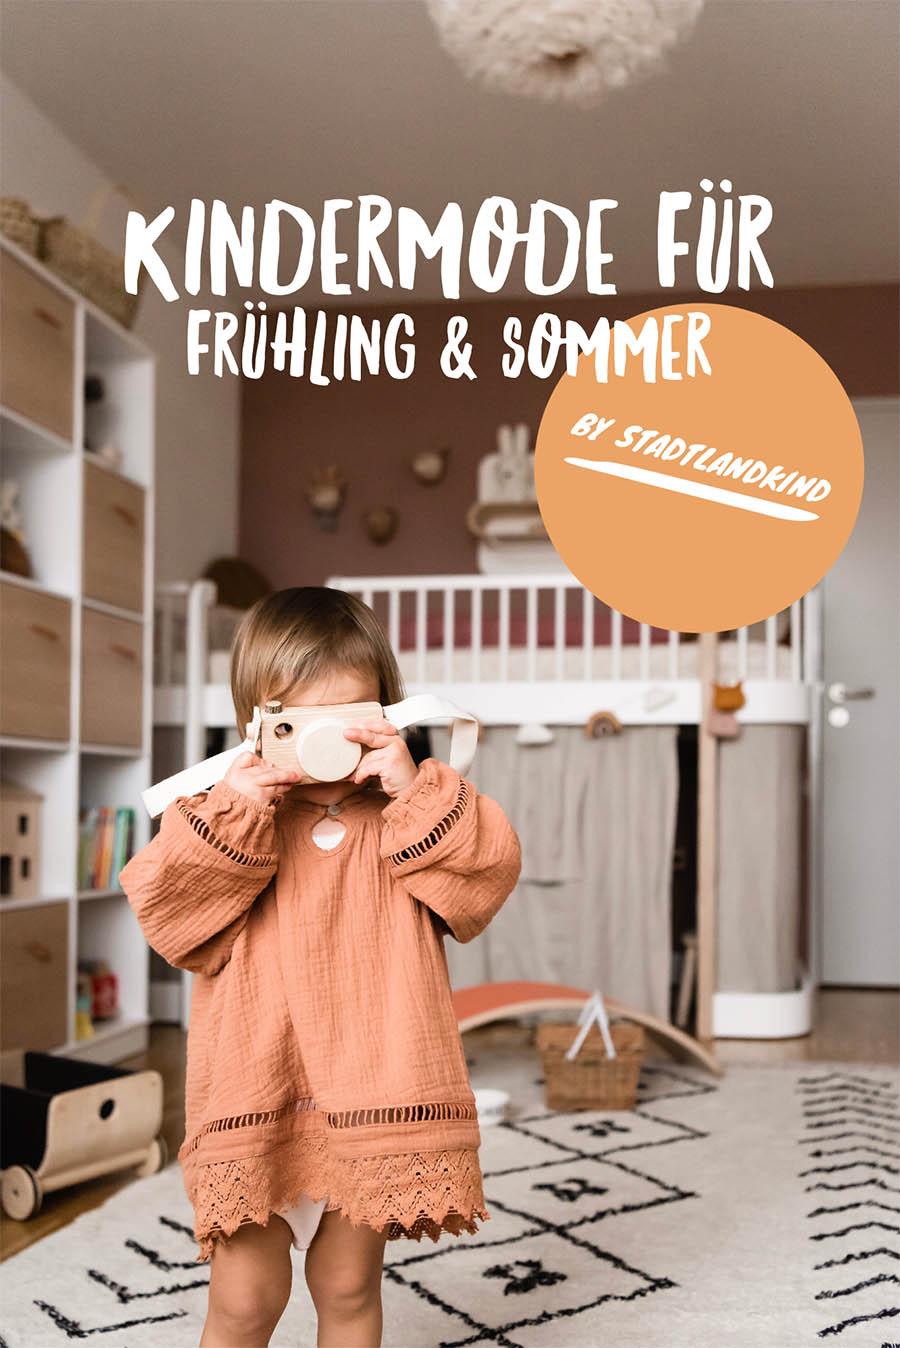 Editors Choice: Die schönsten Frühlings- und Sommersachen für Kinder von Stadtlandkind #kindermode #kidsfashion #fashionminis